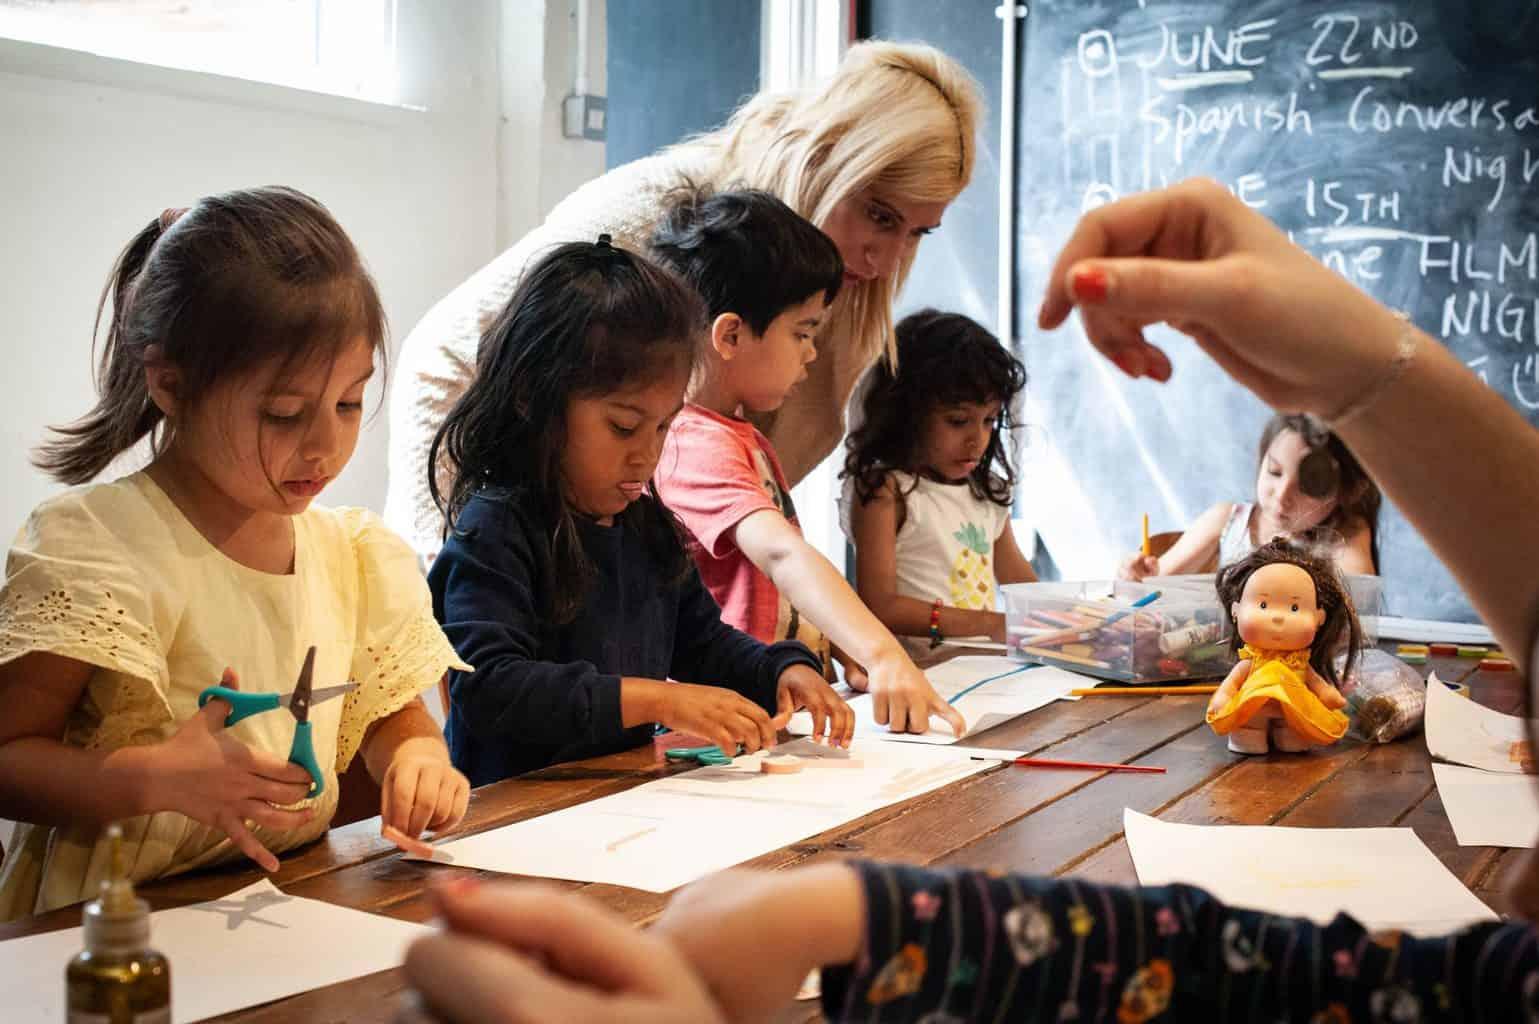 Các chủ đề gần gũi và thân thuộc giúp trẻ tiếp thu kiến thức dễ dàng và hiệu quả hơn